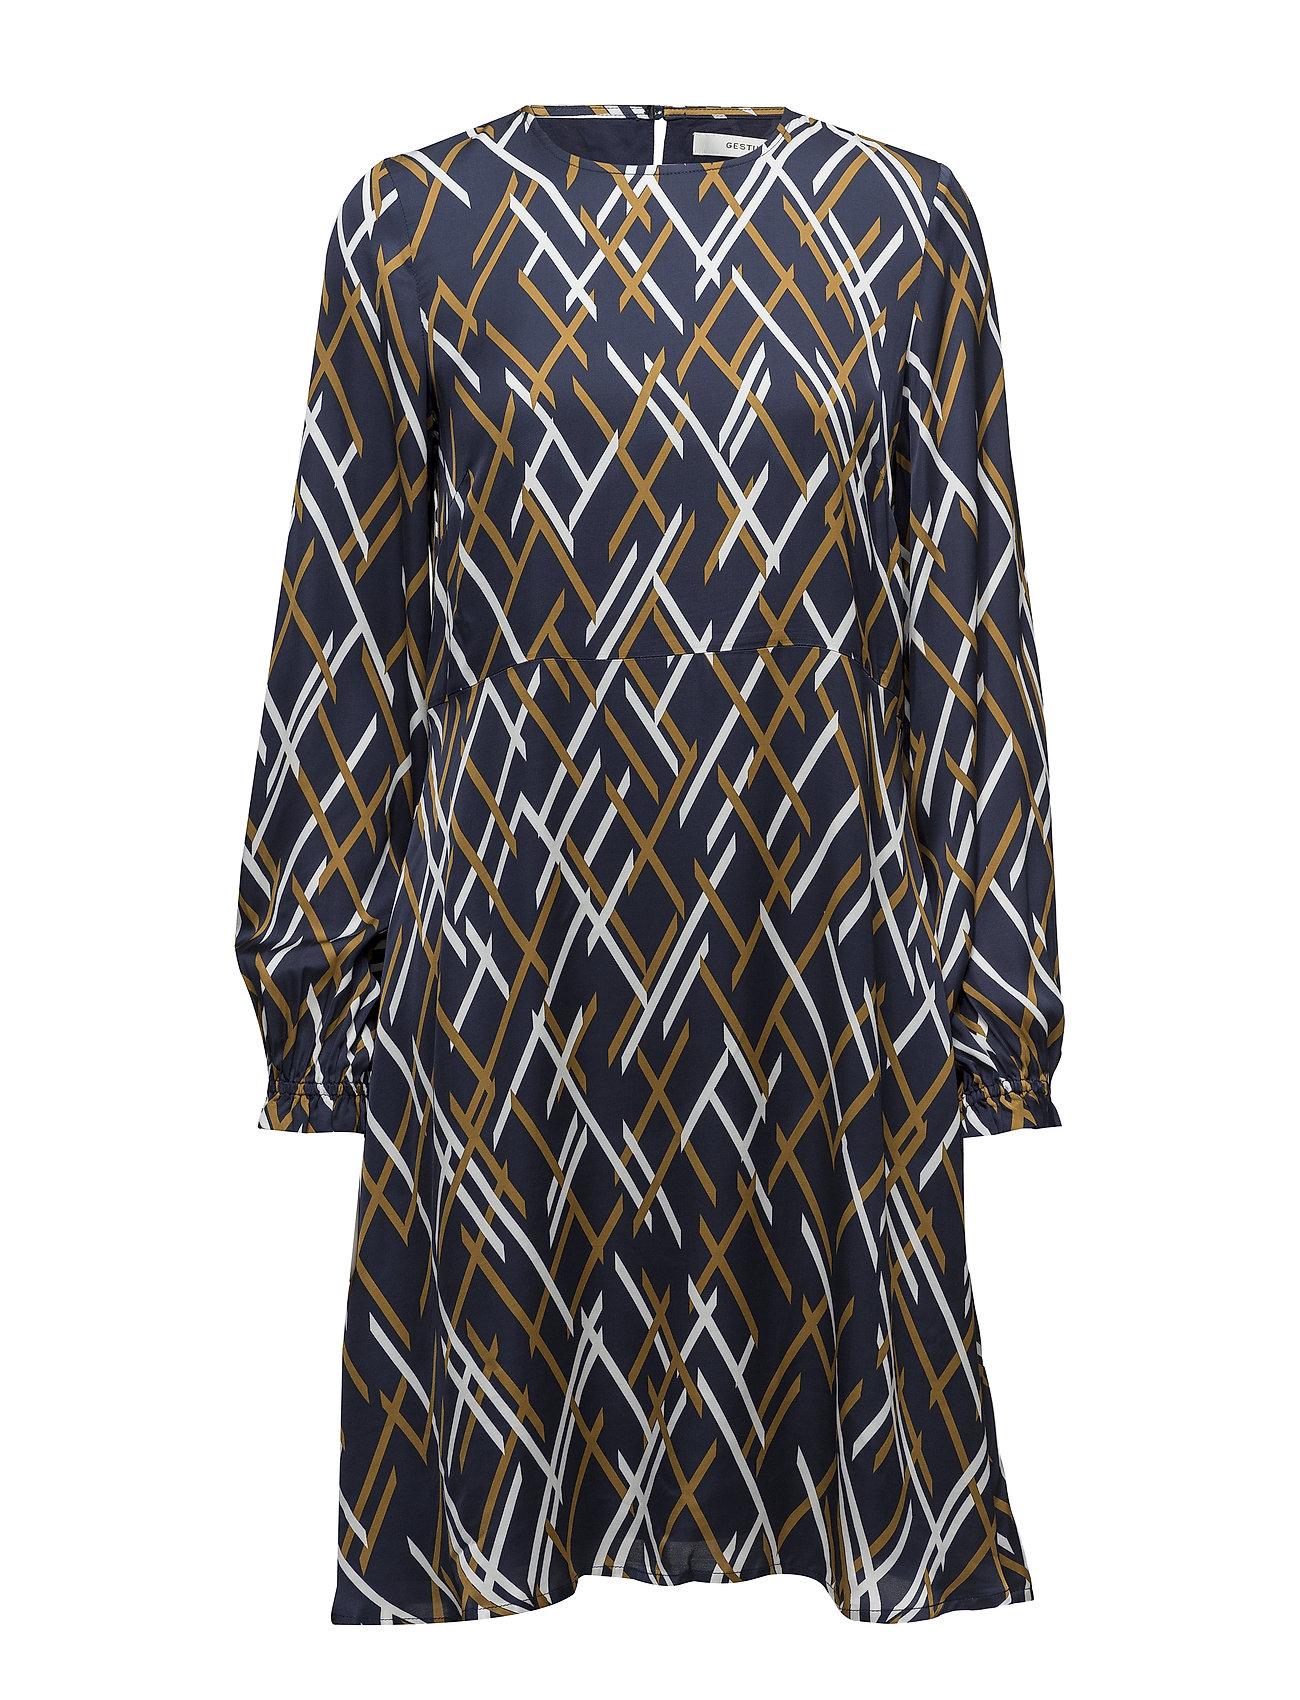 Gestuz Vinta dress MA18 - VINTA BLUE